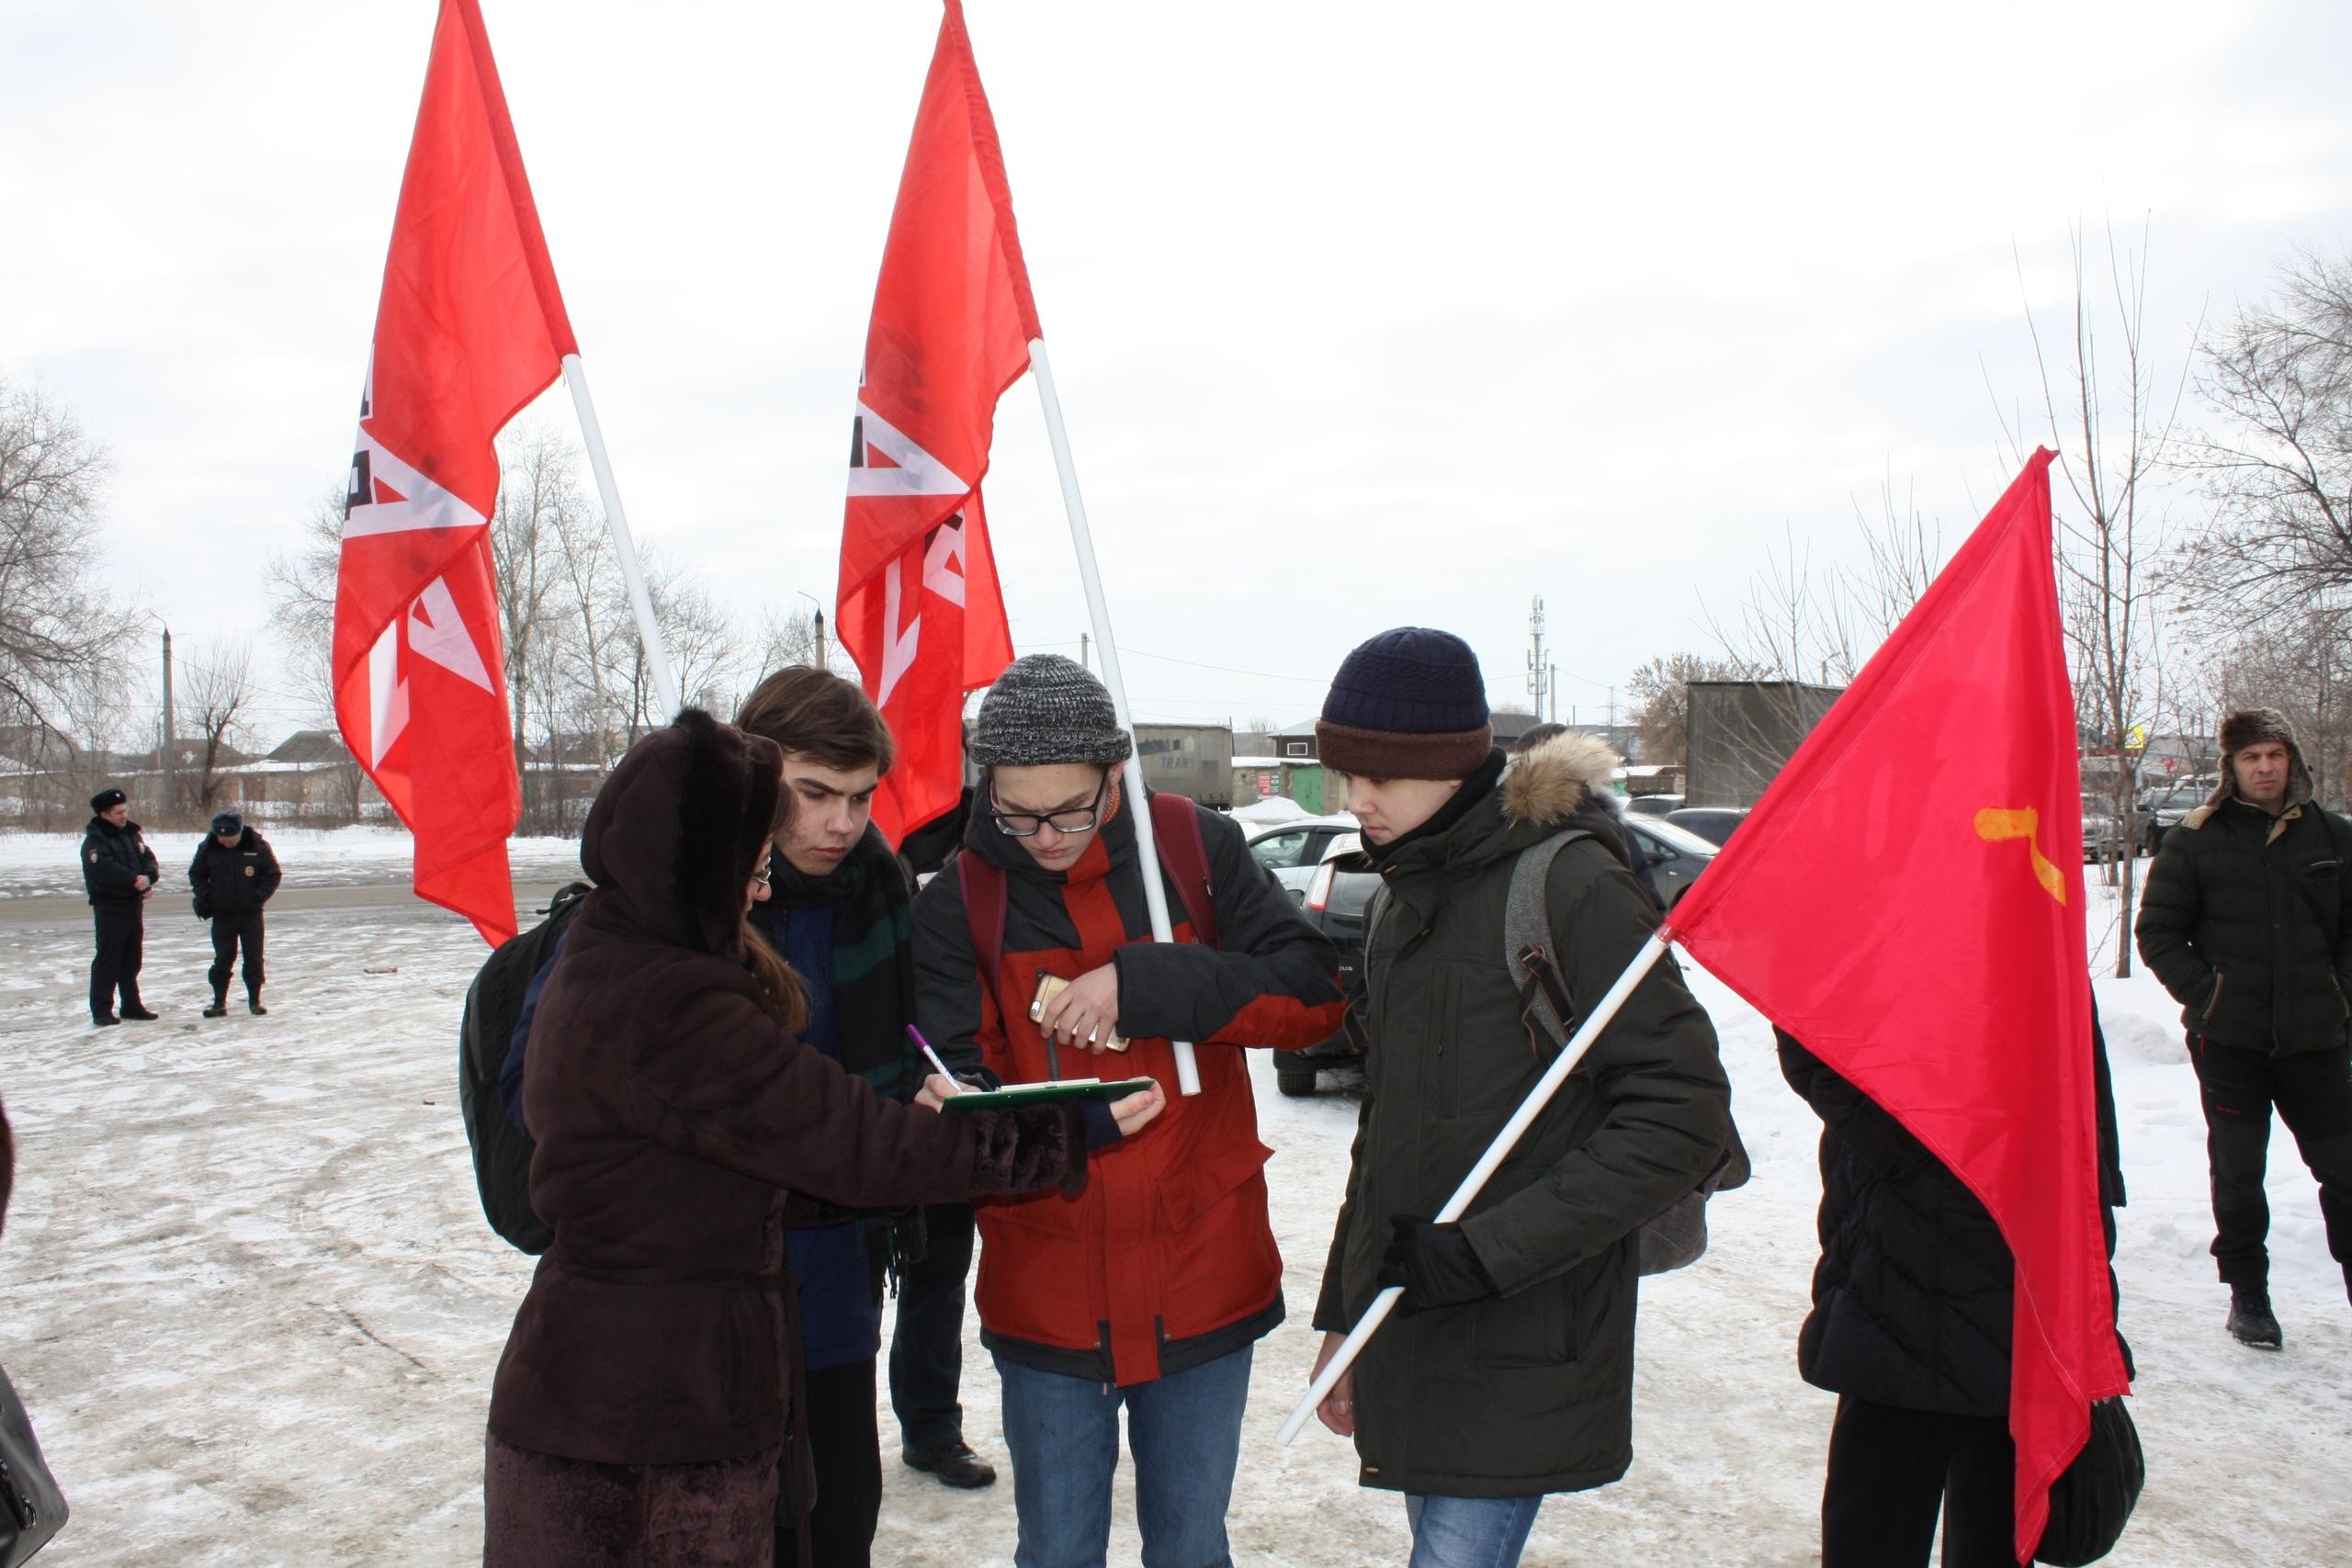 Митинг в Сызрани 16 февраля 2020 года - Резолюция митинга